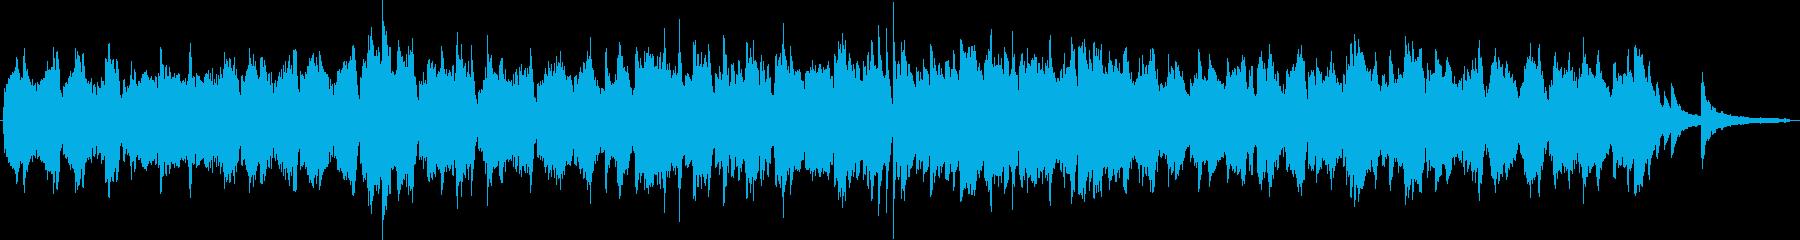 チェロ・ピアノの切ない曲の再生済みの波形